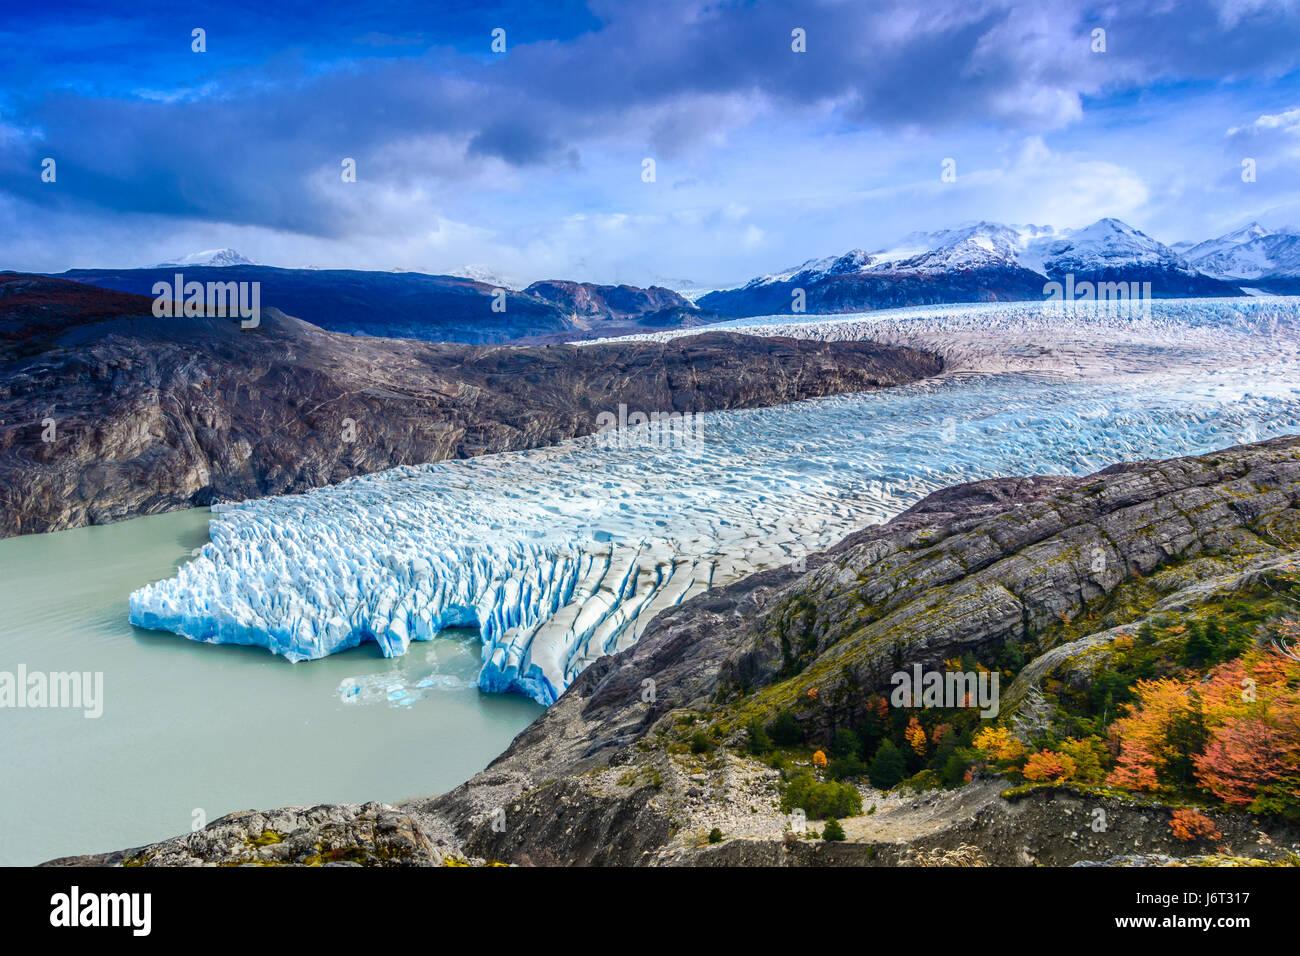 Ghiacciaio grey,Patagonia Cile - un ghiacciaio in Patagonia meridionale del campo di ghiaccio, la Cordigliera del Immagini Stock